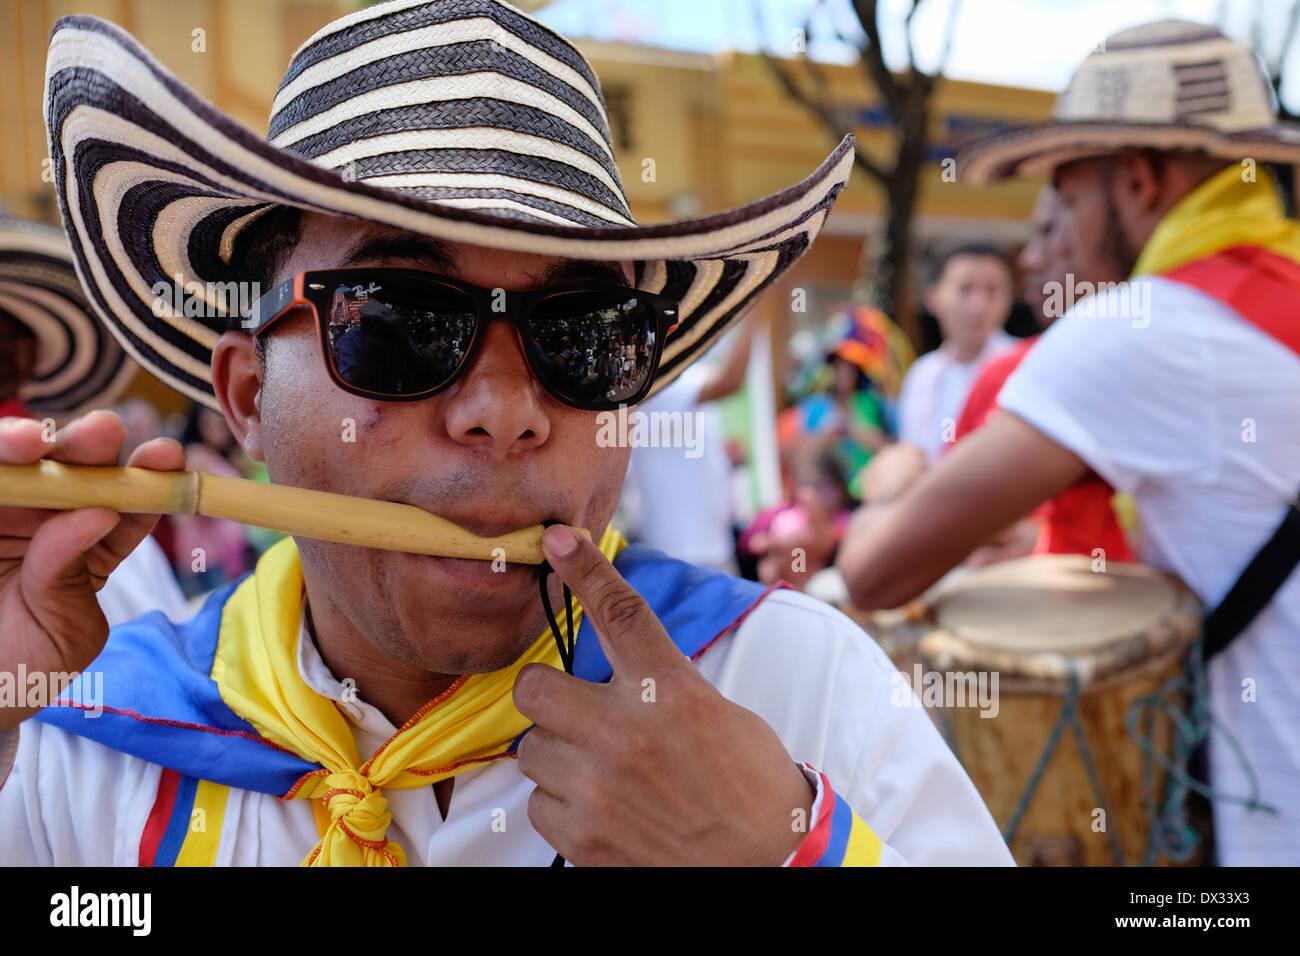 MIAMI - Marzo 9, 2014: Ritratto di strada colombiano giocatore durante la trentasettesima Calle Ocho festival, un evento annuale che si svolge in otto Street in Little Havana con molta musica, cibo ed è il più grande partito in città che celebra eredità ispanica. Immagini Stock